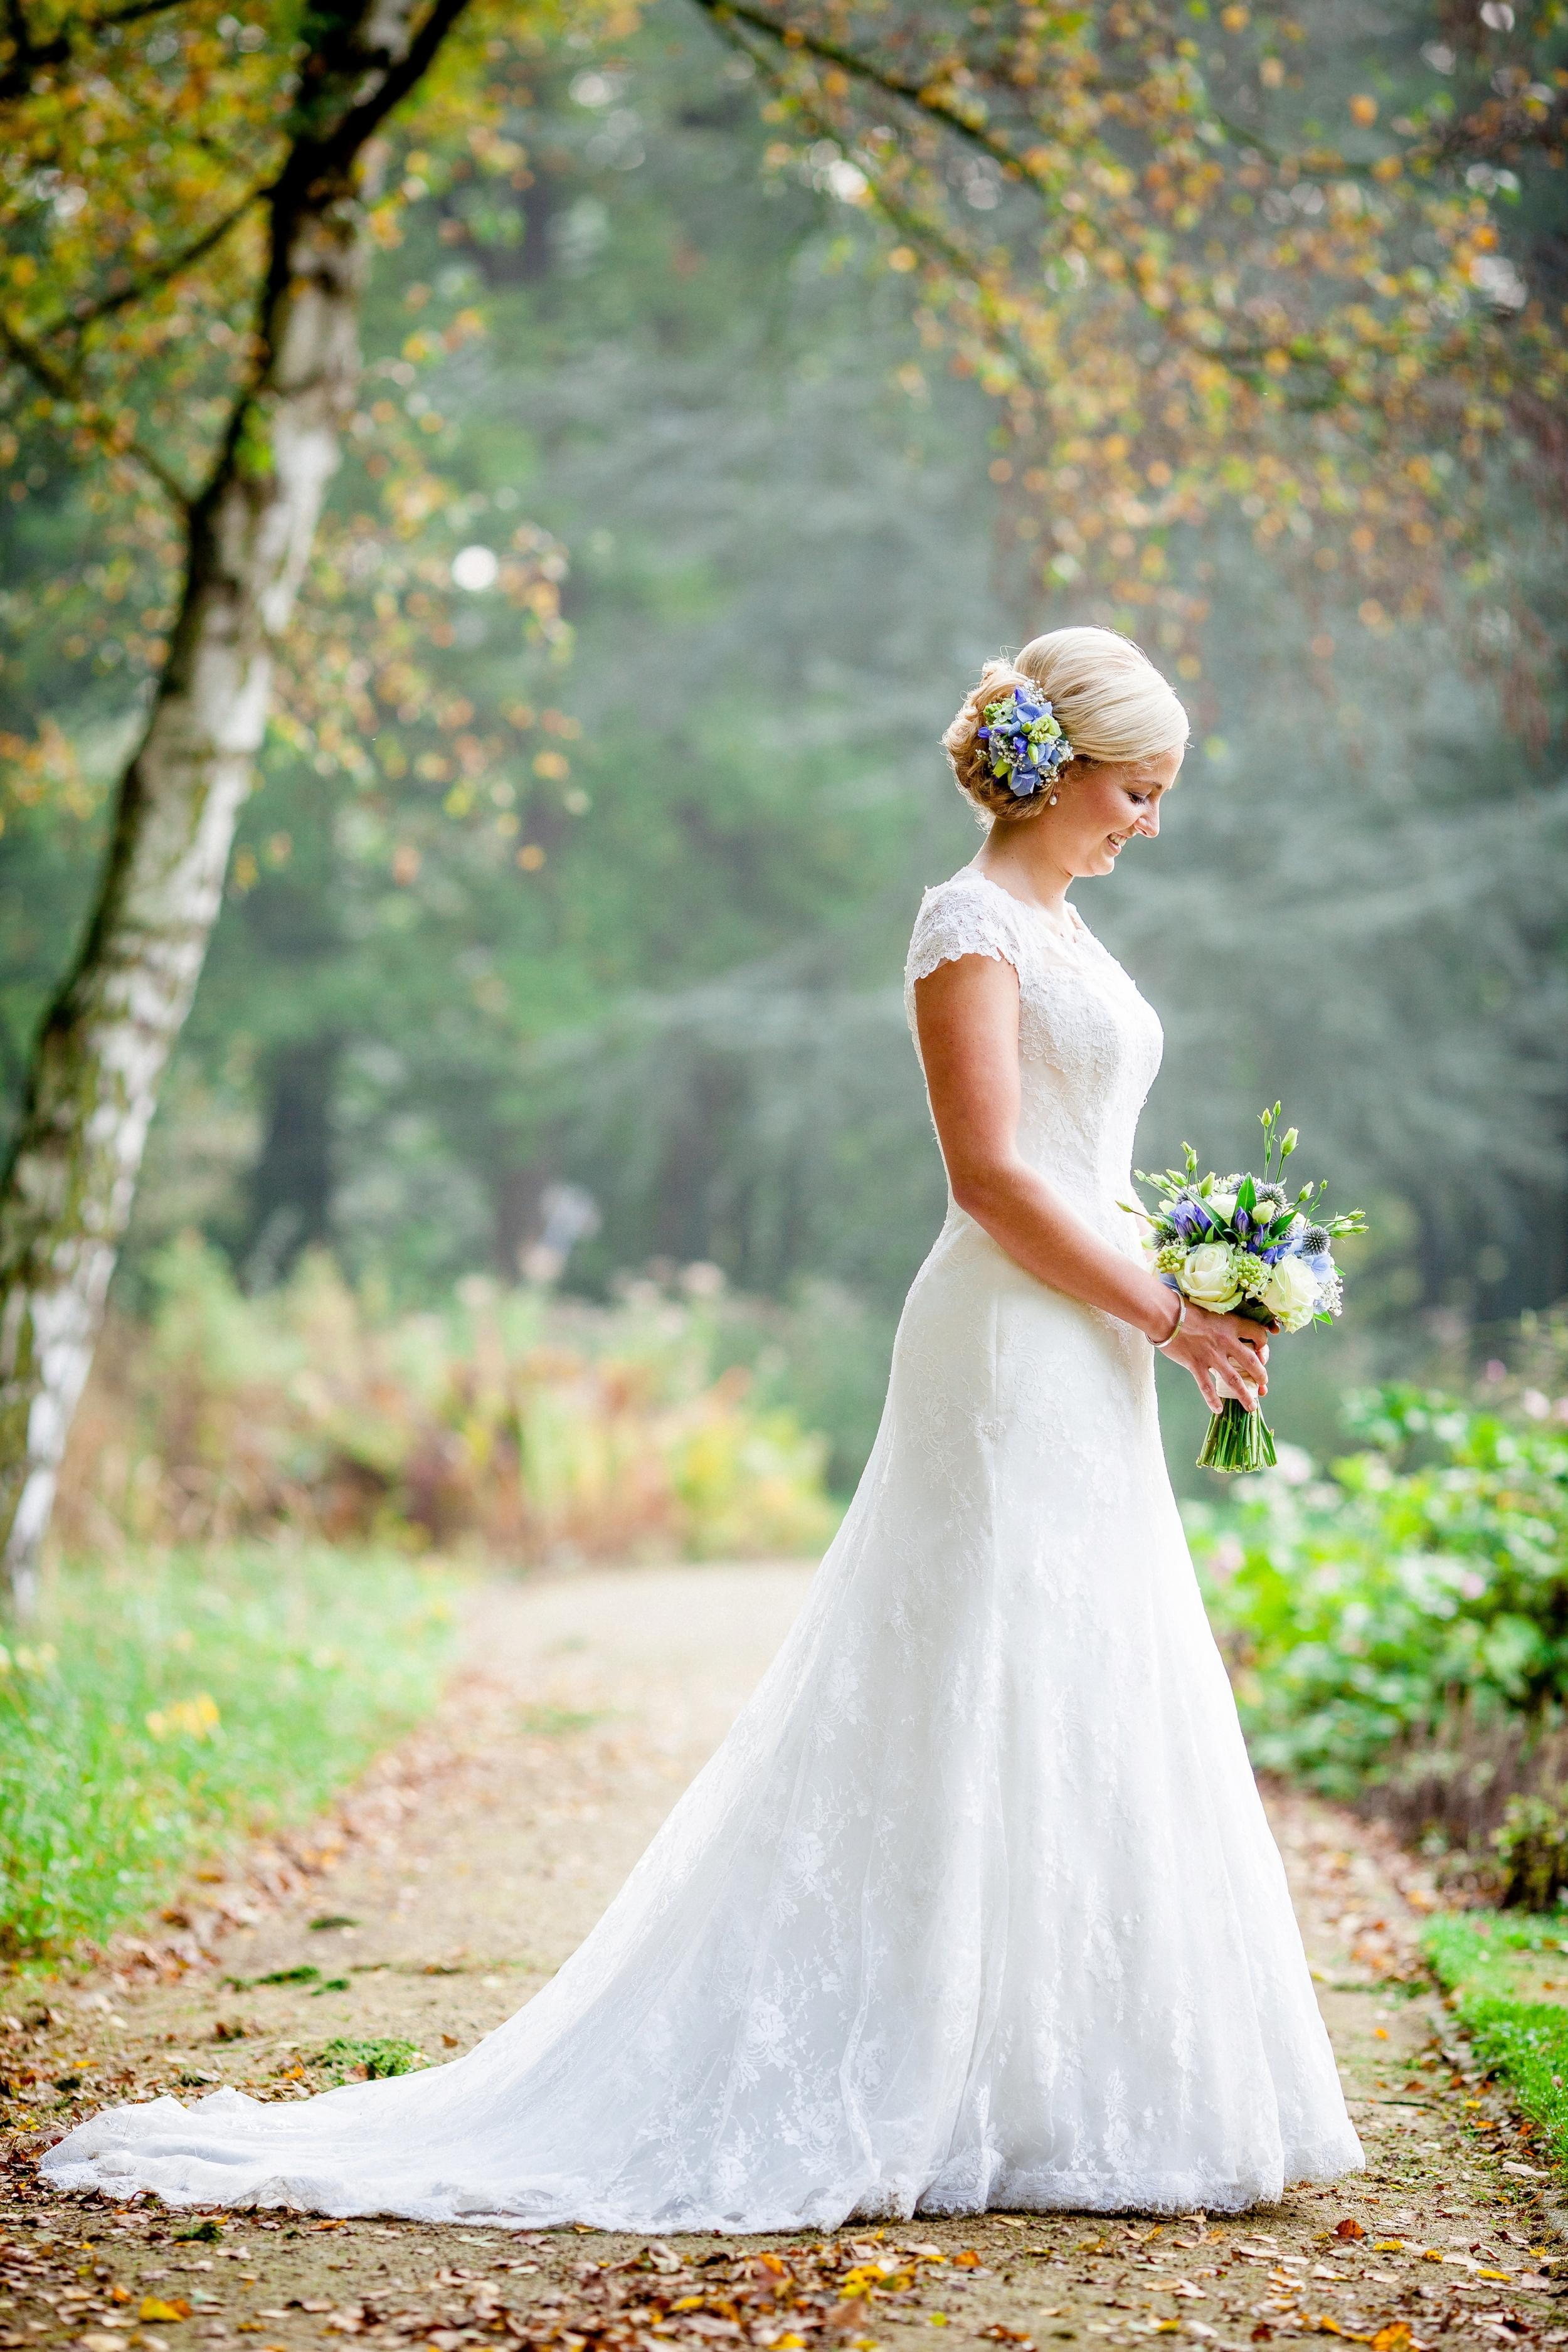 bruidsfotograaf-rijssen-utrecht-fotograaf-trouwen-bruiloft_0225.jpg